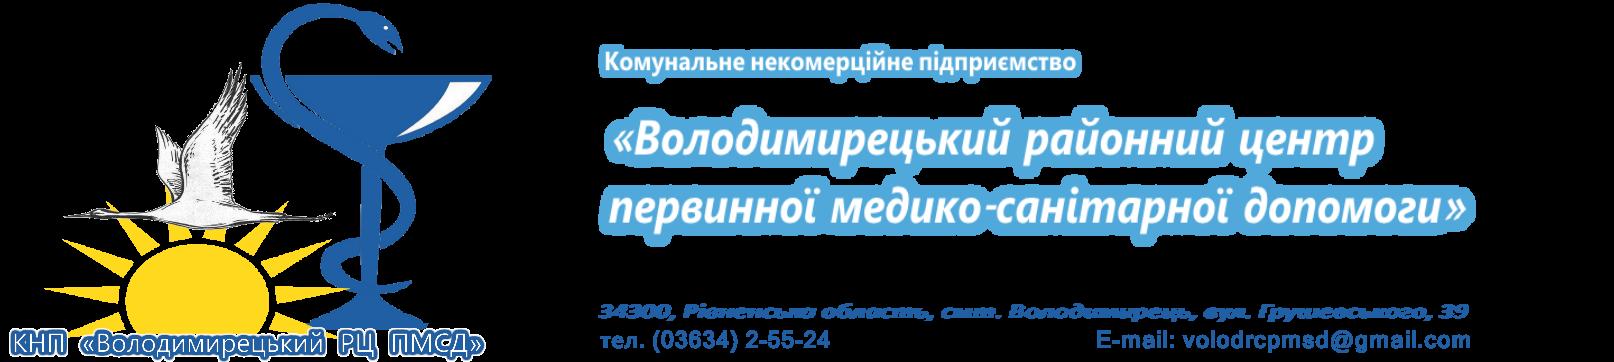 """КНП """"Володимирецький РЦ ПМСД"""""""